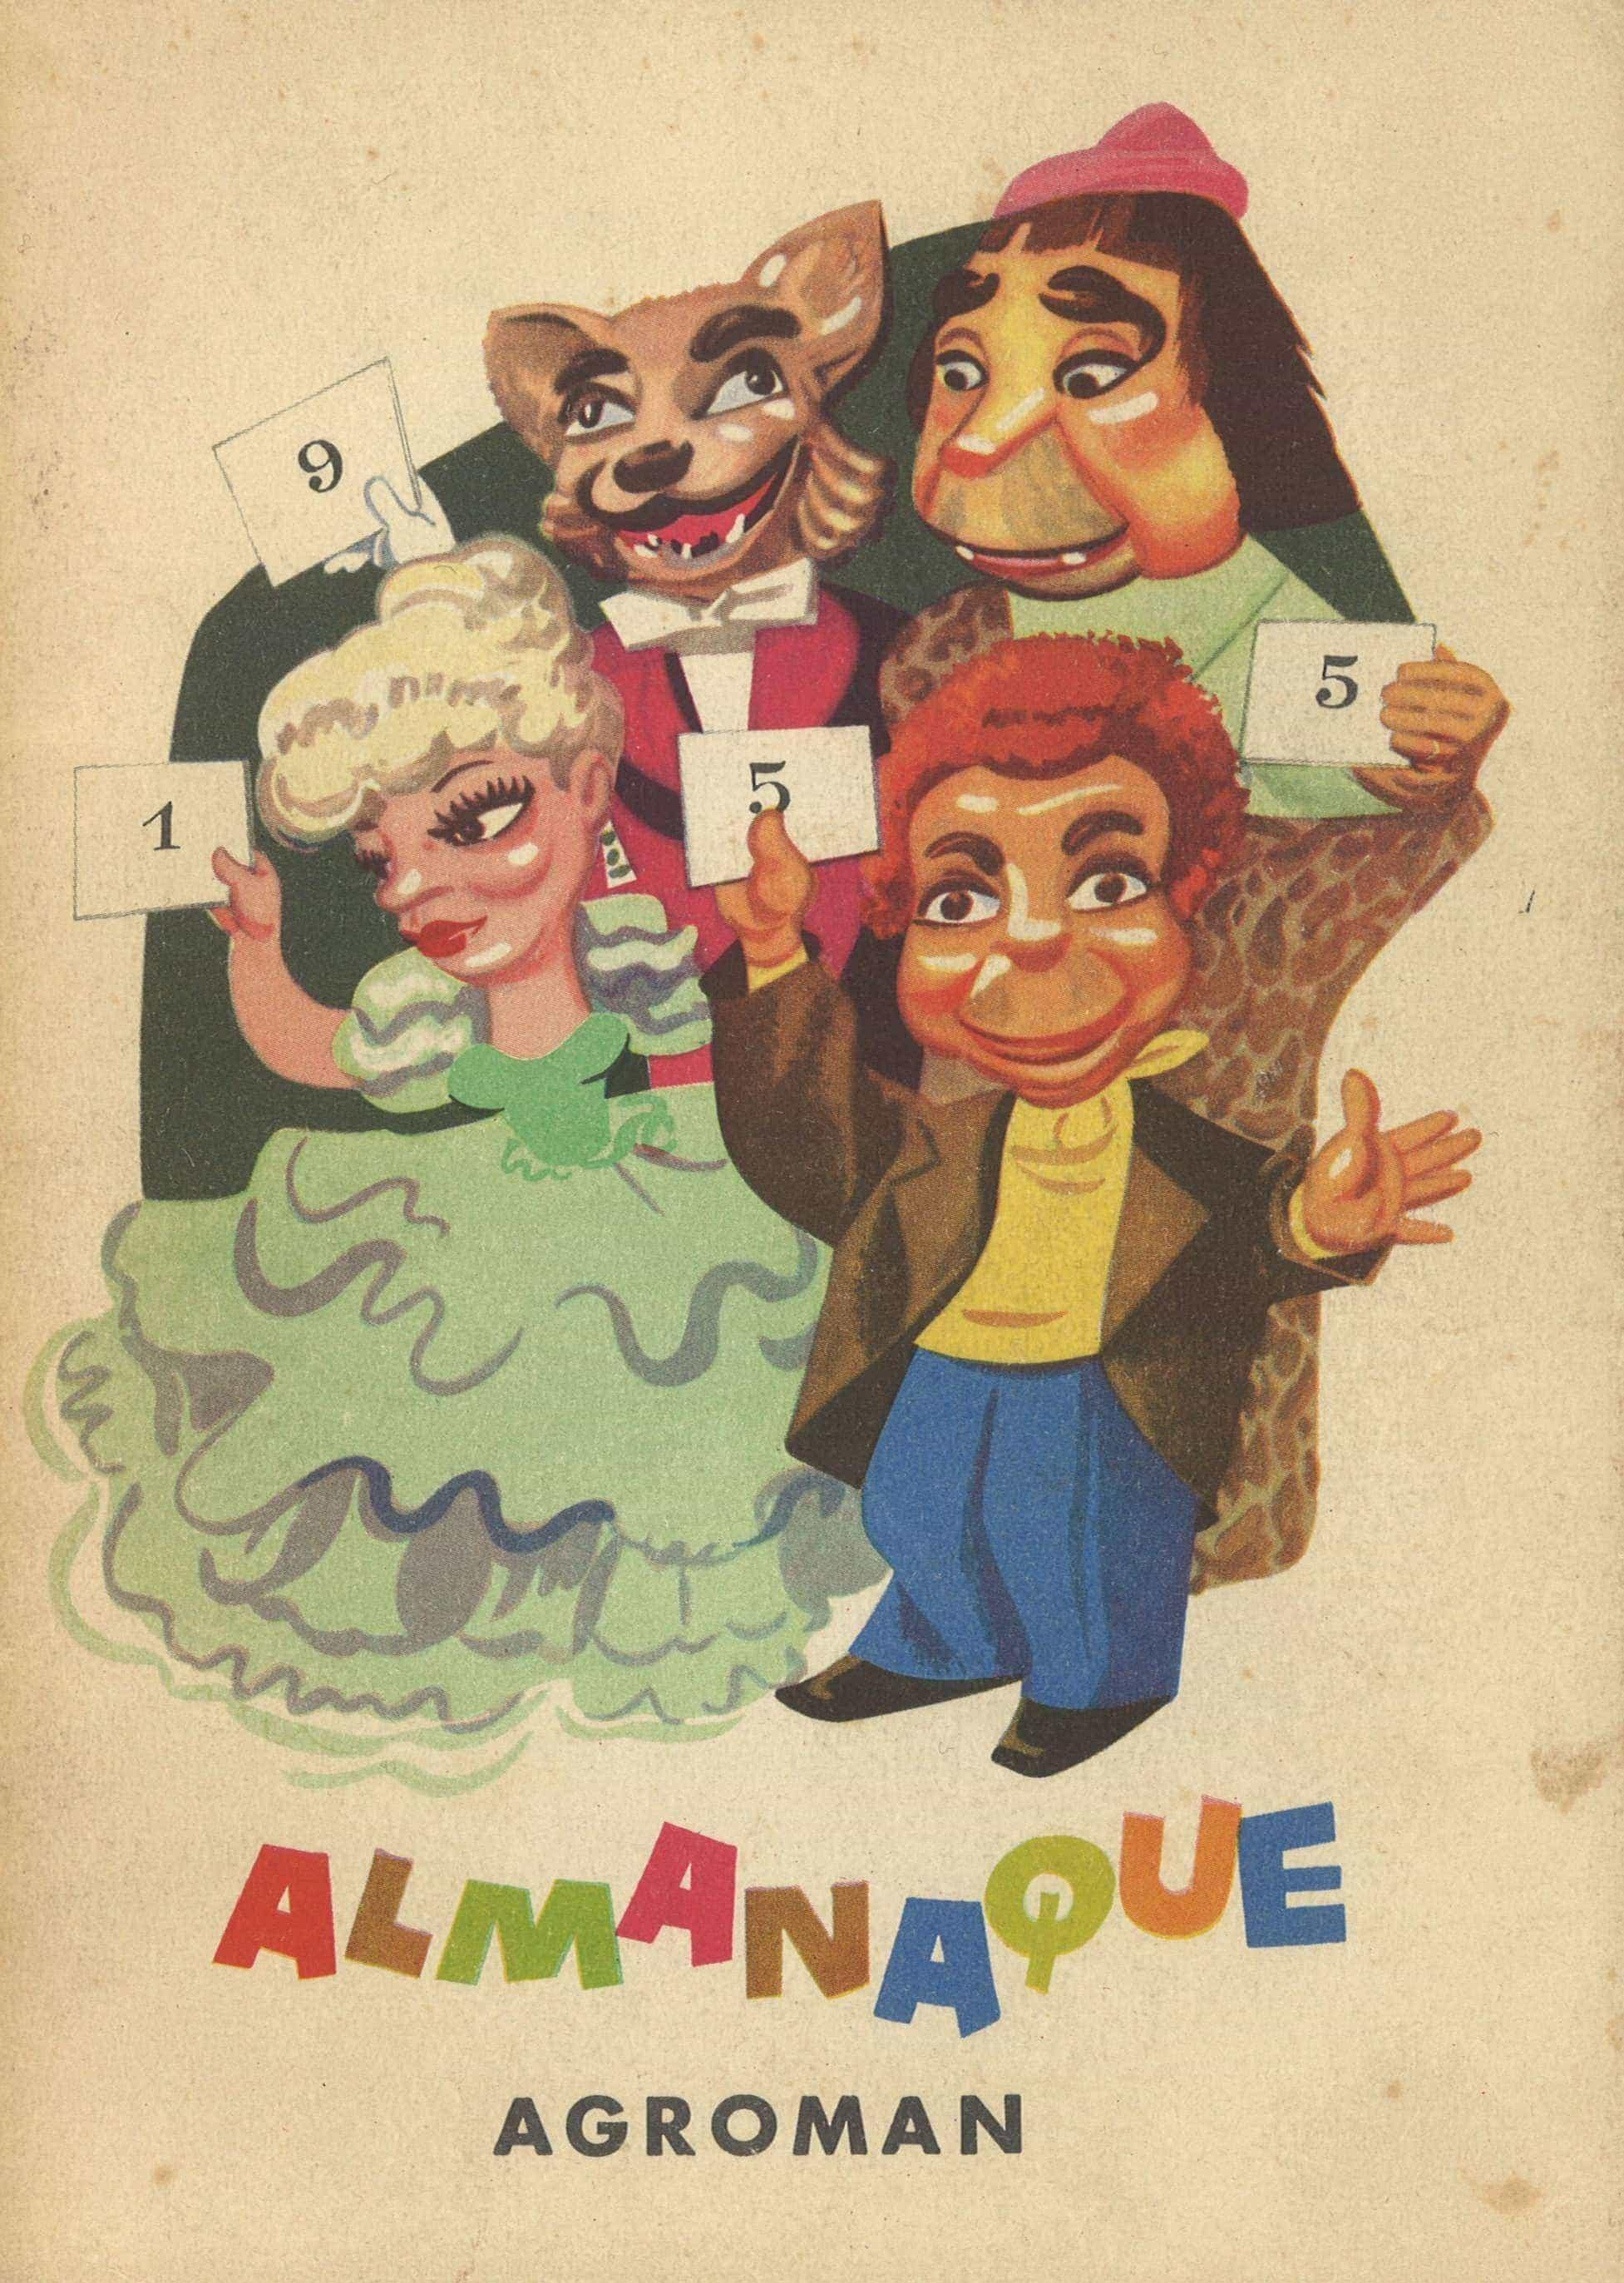 almanaque agroman 1955